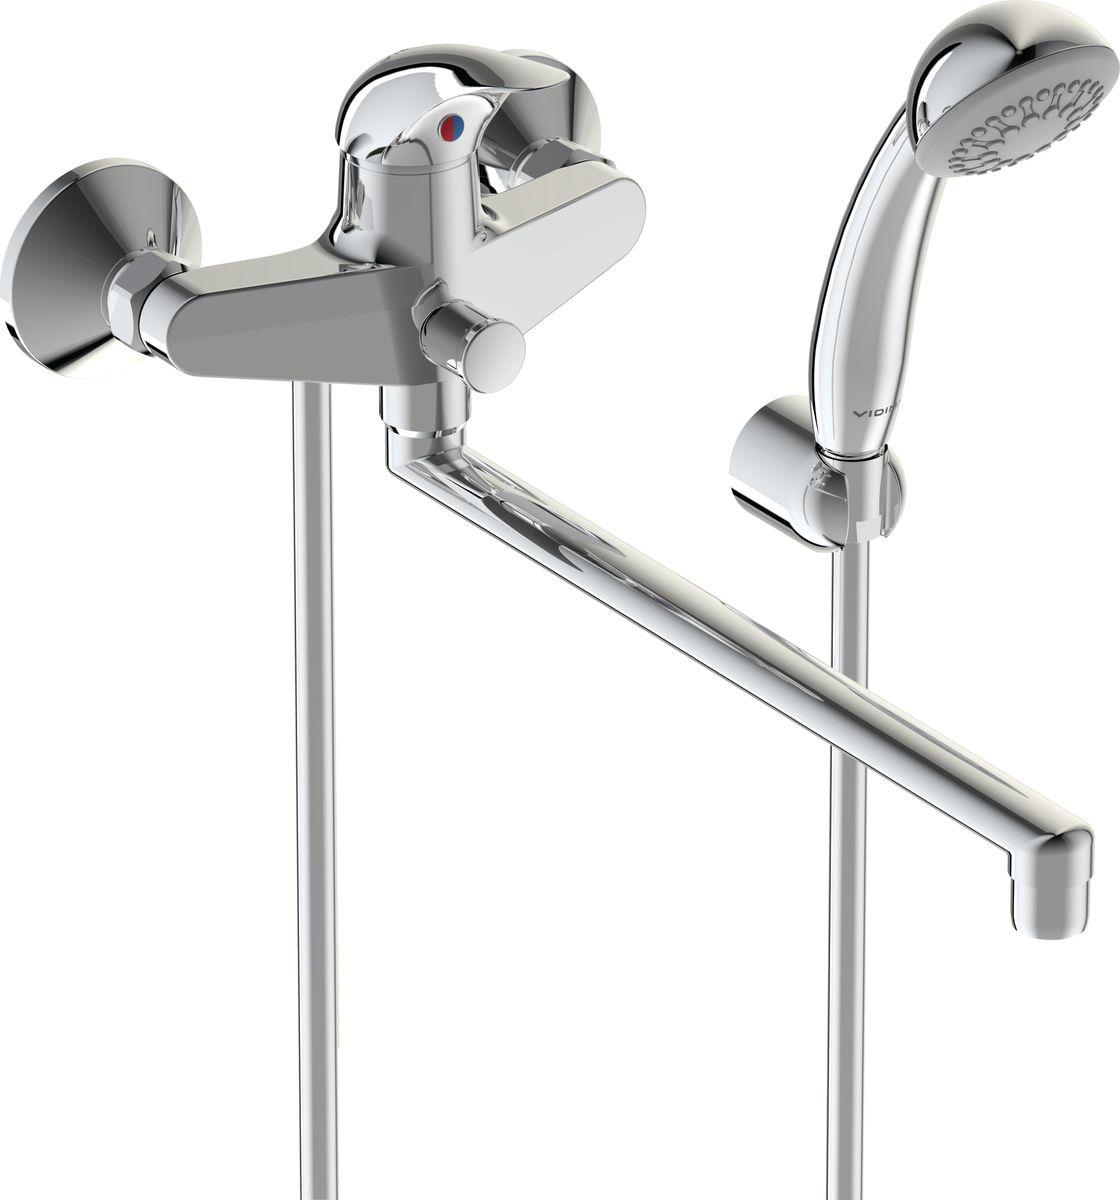 Смеситель для ванны Vidima Орион, излив 320 ммBA005AAСмеситель для ванны Vidima Орион имеет корпус и излив из 100% латуни. Изделие устанавливается на стену. Система облегченного монтажа SmartFix обеспечивает комфорт во время установки и надежность эксплуатации. Монтаж производится на стандартных эксцентриках (в комплекте: эксцентрики, металлические отражатели, уплотнительные прокладки). Смеситель снабжен трубчатым поворотным изливом с углом поворота на 360° и аэратором Perlator. Металлическая рукоятка имеет систему защиты от нагревания Comfort Touch и индикатор холодной/горячей воды. Душевой гарнитур в комплекте (душевая лейка, металлический шланг, держатель для лейки). Переключение ванна/душ осуществляется вручную. Технические характеристики: Высота излива: 320 мм. Расстояние от стены до аэратора: 388 мм. Керамический картридж: 35 мм. Диаметр душевой лейки: 70 мм. Длина металлического шланга: 150 см.